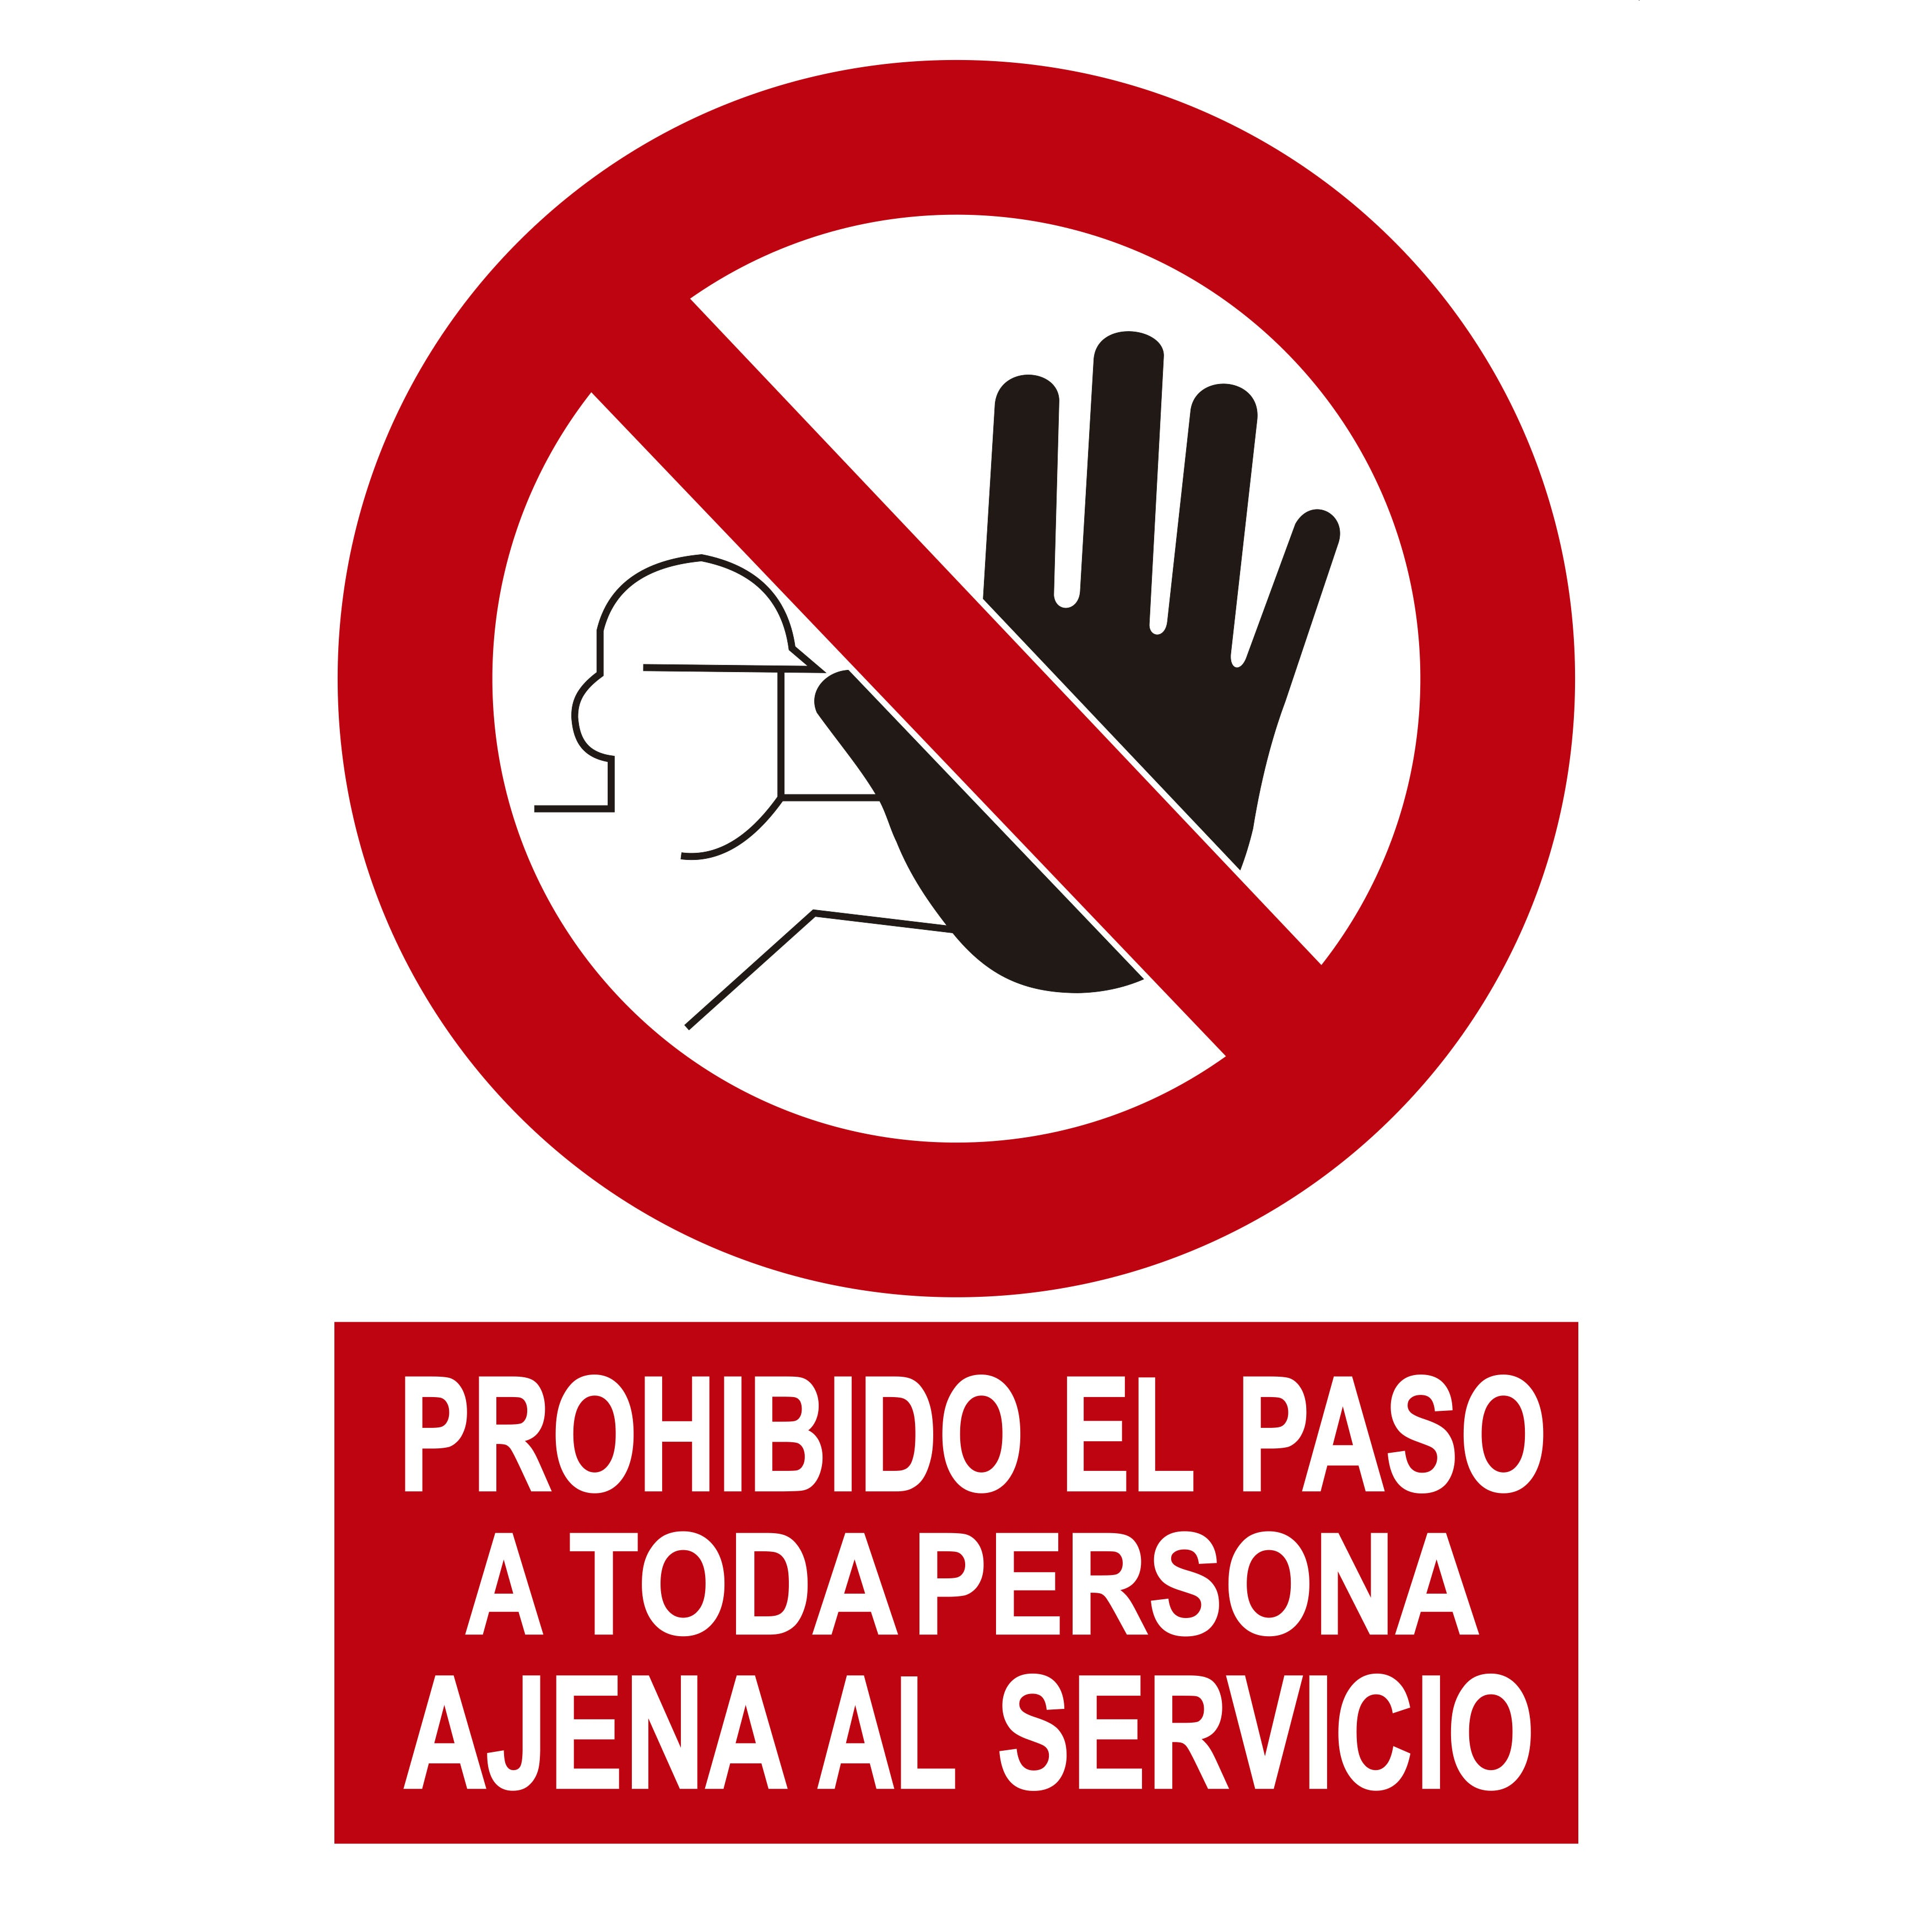 Señal PROHIBIDO EL PASO A TODA PERSONA AJENA AL SERVICIO